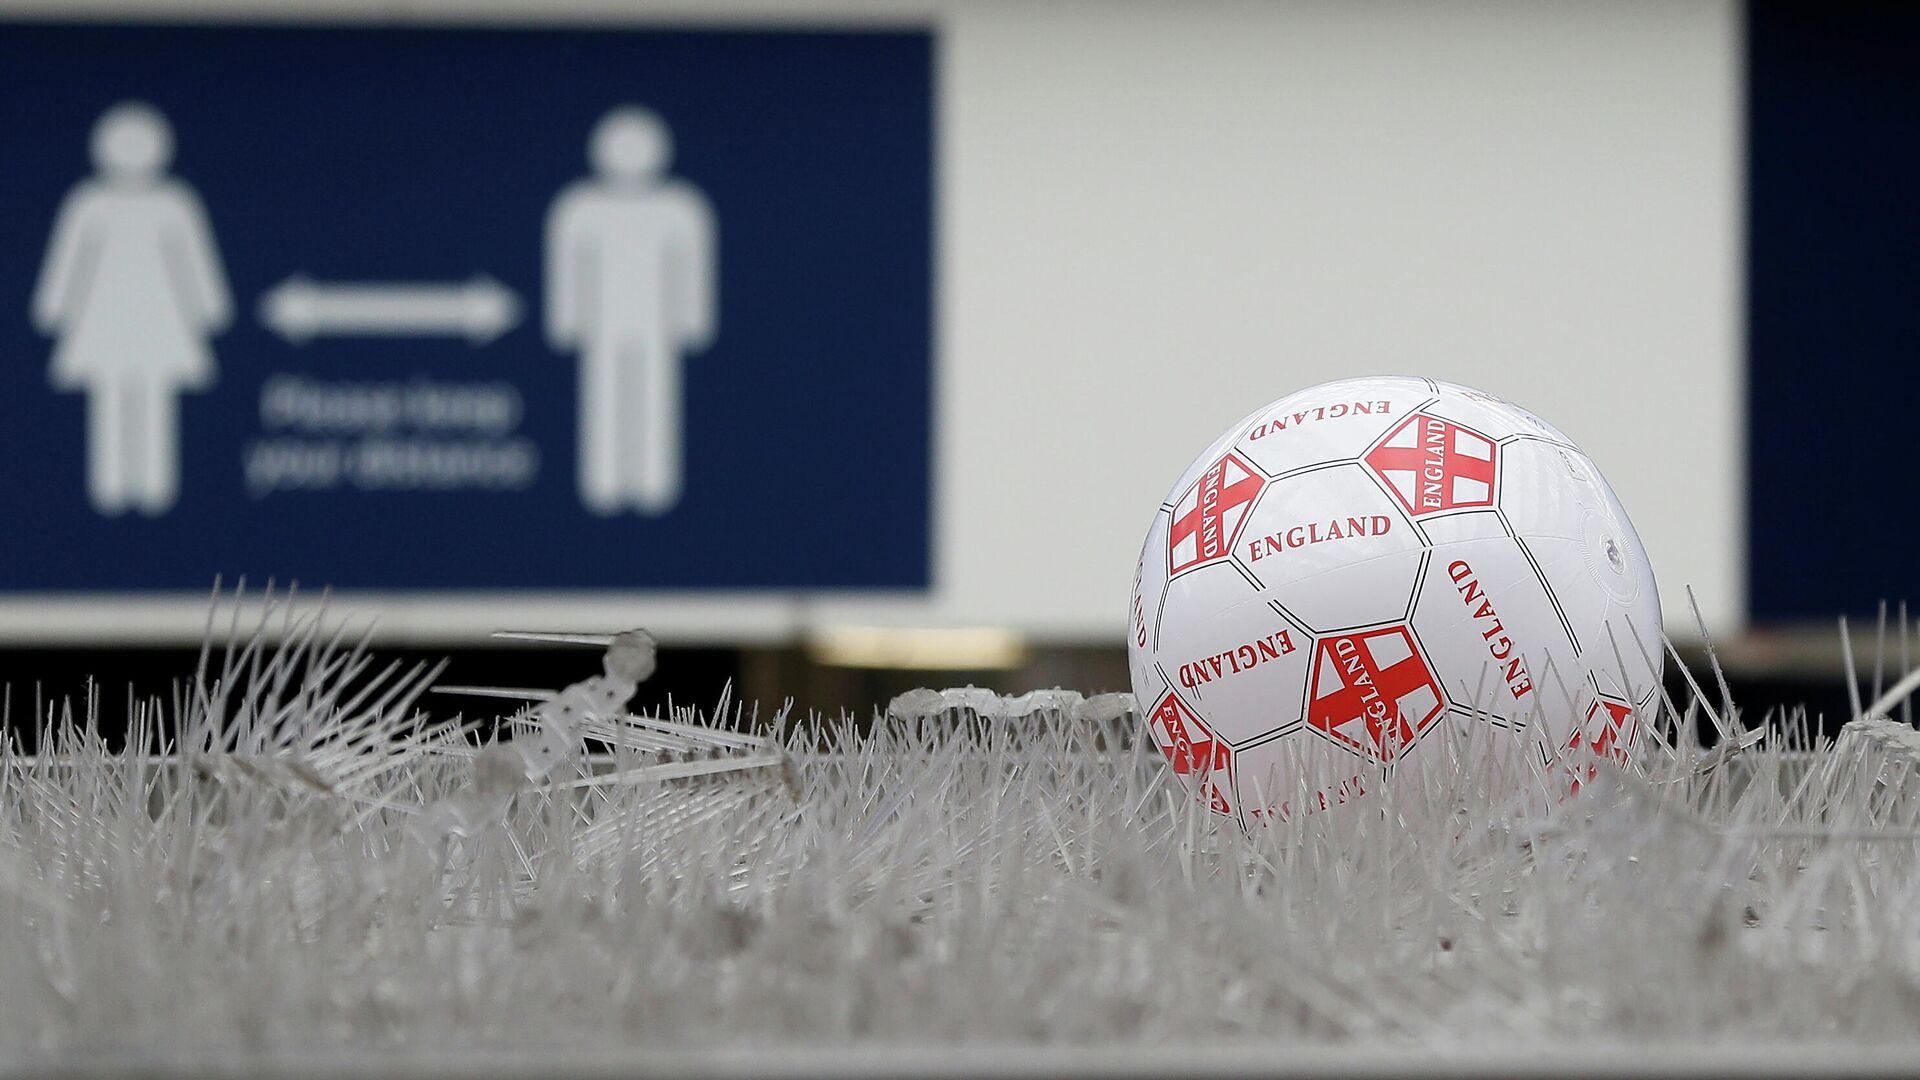 Una pelota cerca de la estación de Waterloo al día siguiente de la final de Eurocopa 2020 - Sputnik Mundo, 1920, 12.07.2021